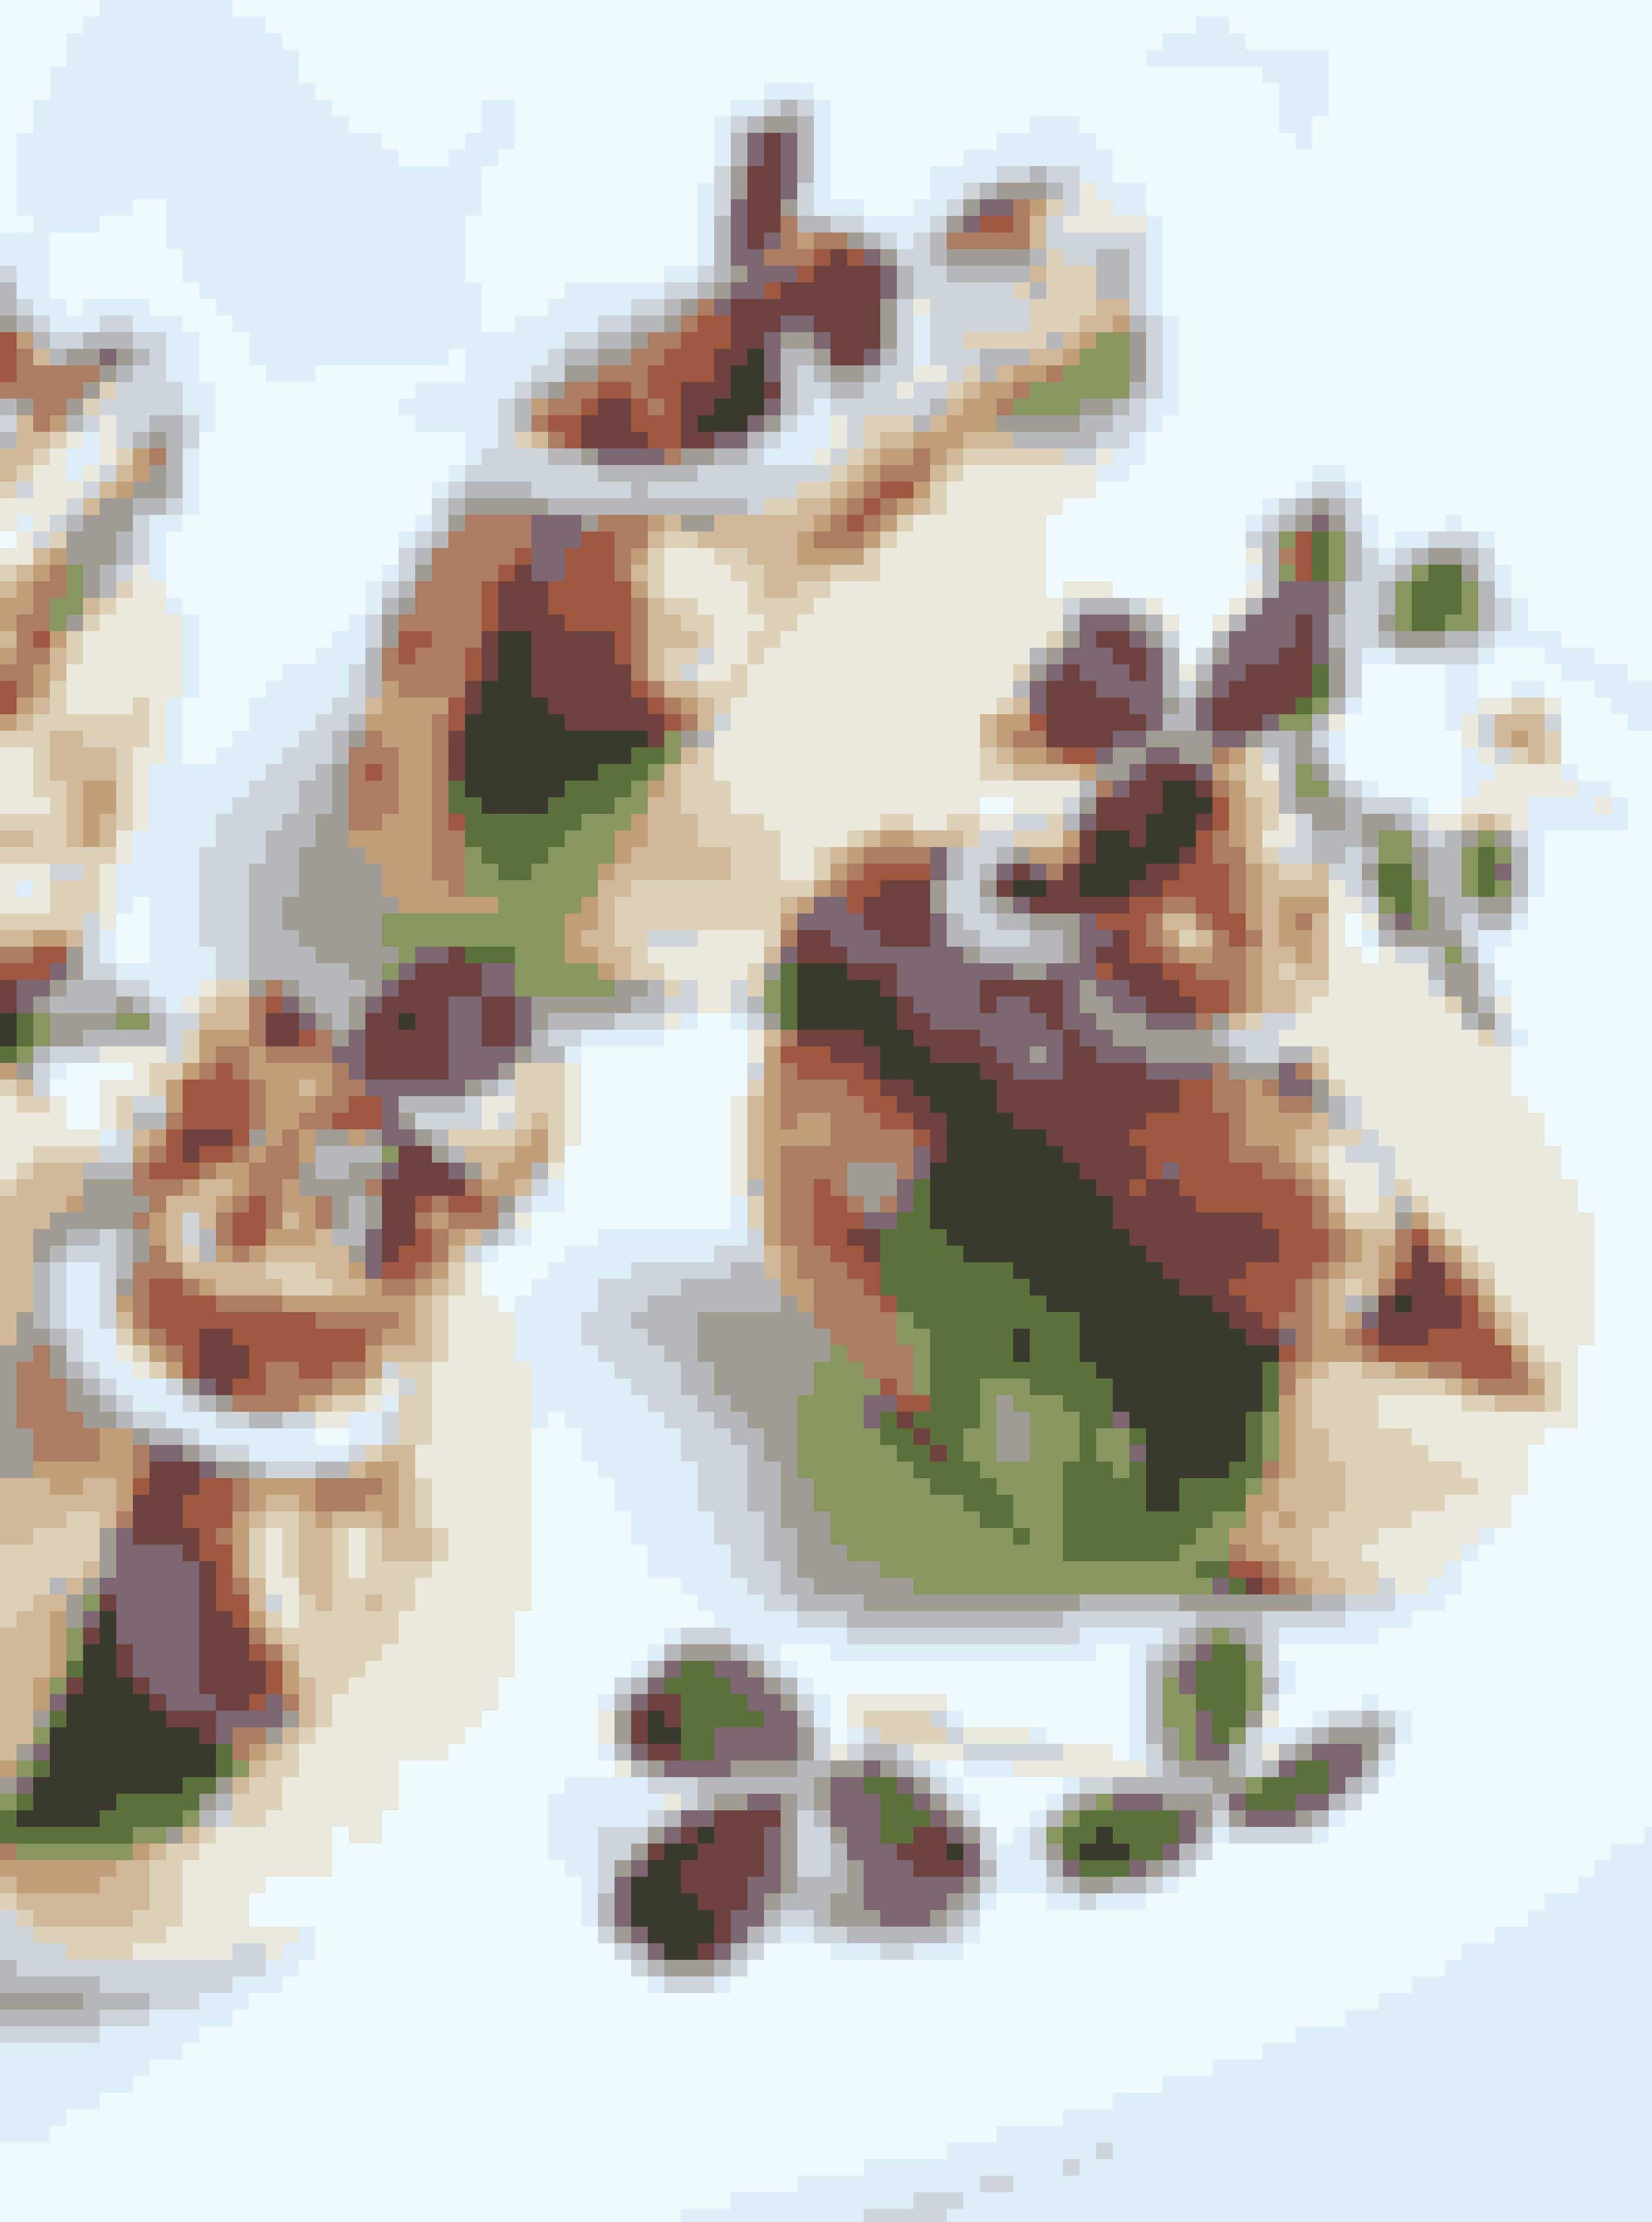 Fine små hotdogs med chili-aioli12-16 stkIndrømmet, det er måske lidt alternativt, men hop med på gourmet-fastfood-bølgen og servér mini-hotdogs for gæsterne som en sjov, fin og appetitlig forret. Måske den passer til dit tema, om en afslappet konfi? Se opskriften her!